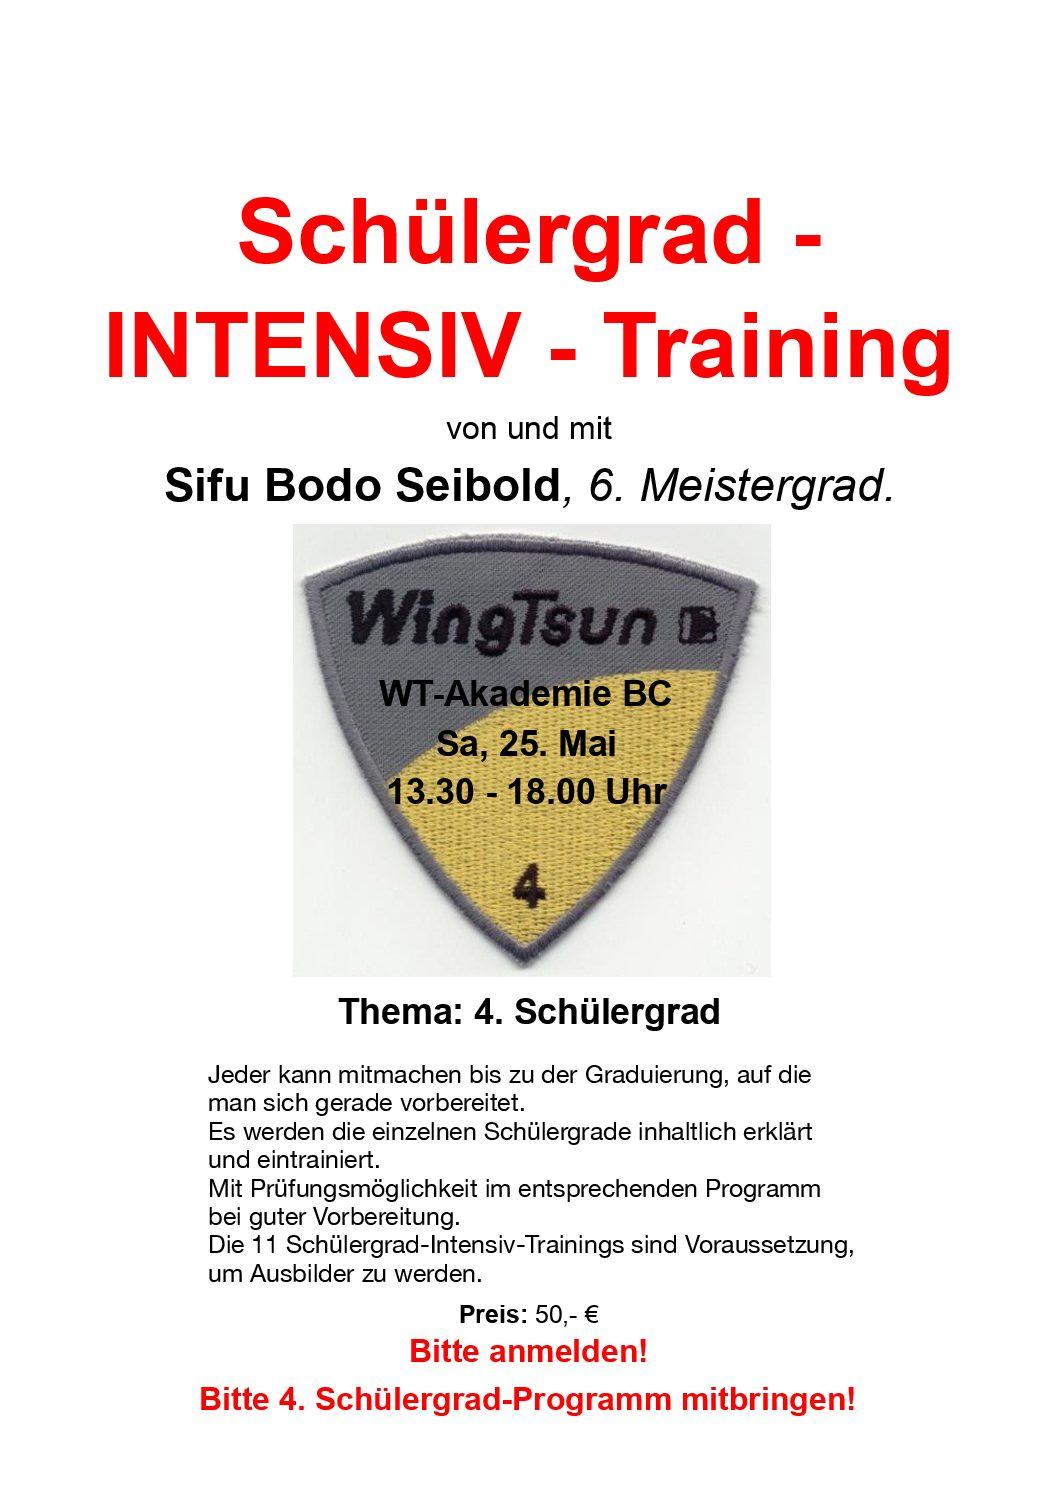 Schülergrad – Intensiv – Training